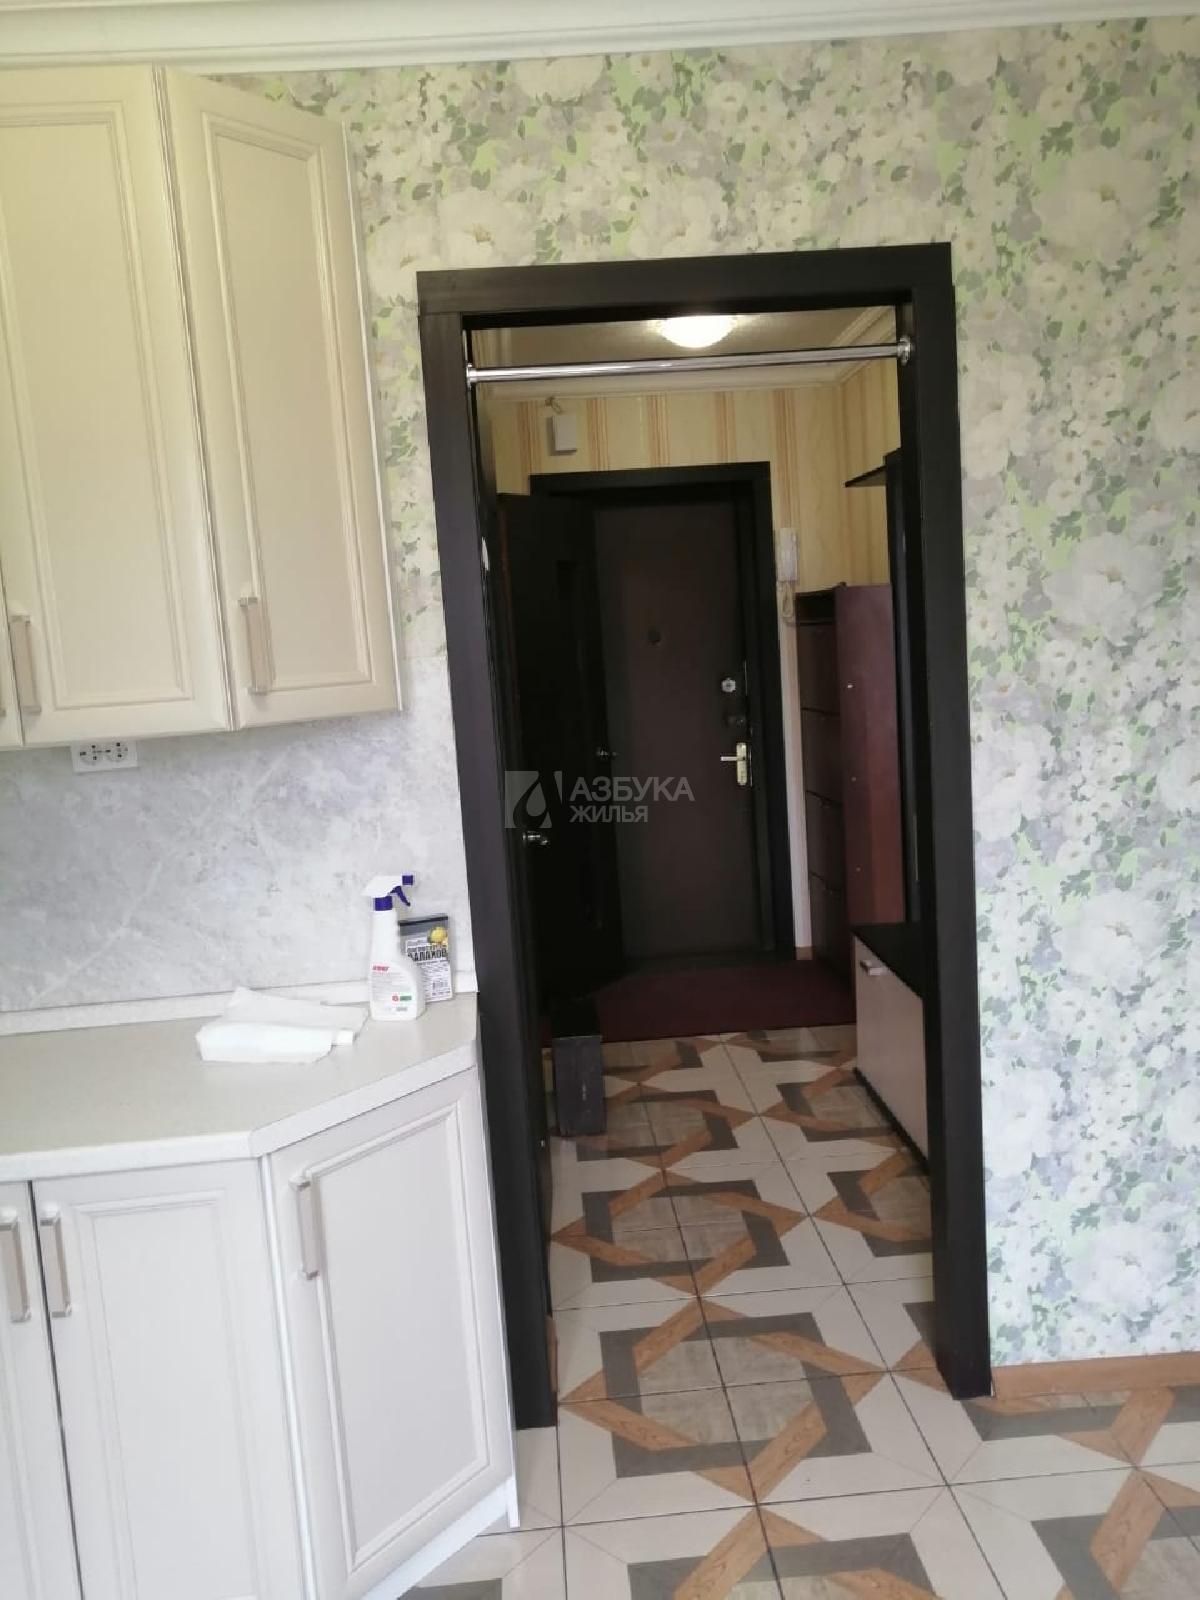 Фото №2 - 1-комнатная квартира, Балашиха, микрорайон Саввино, 1 Мая улица 11